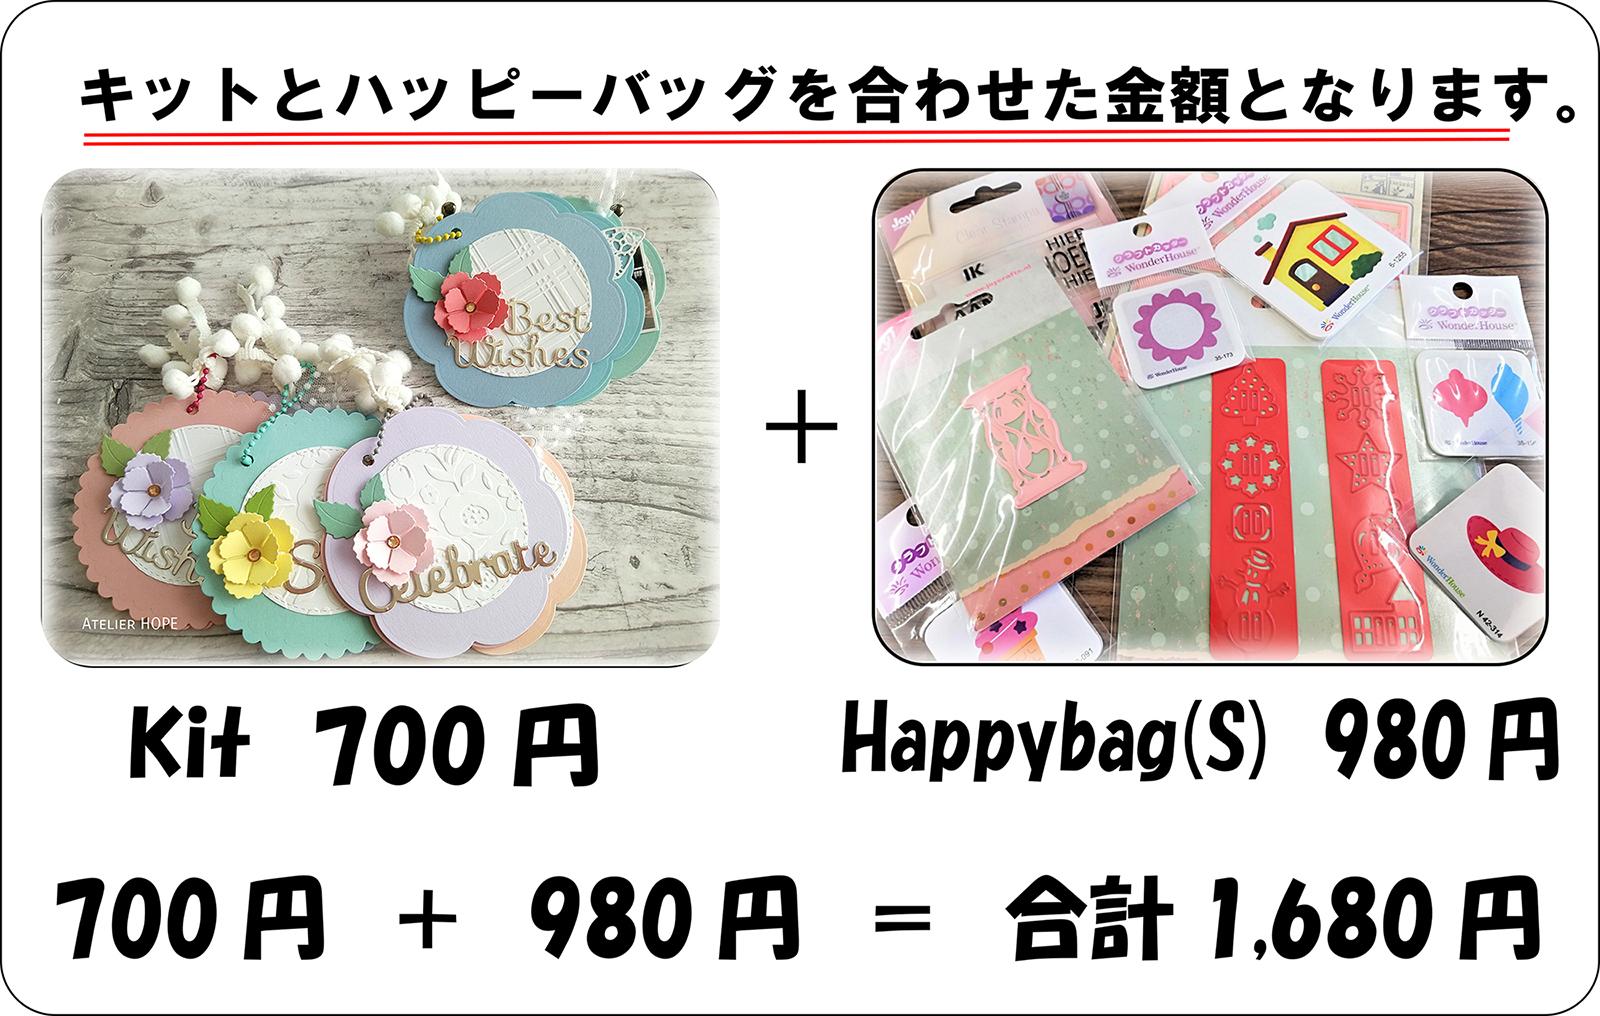 松本志帆先生 マカロンカラーのミニブック & ハッピーバックセット